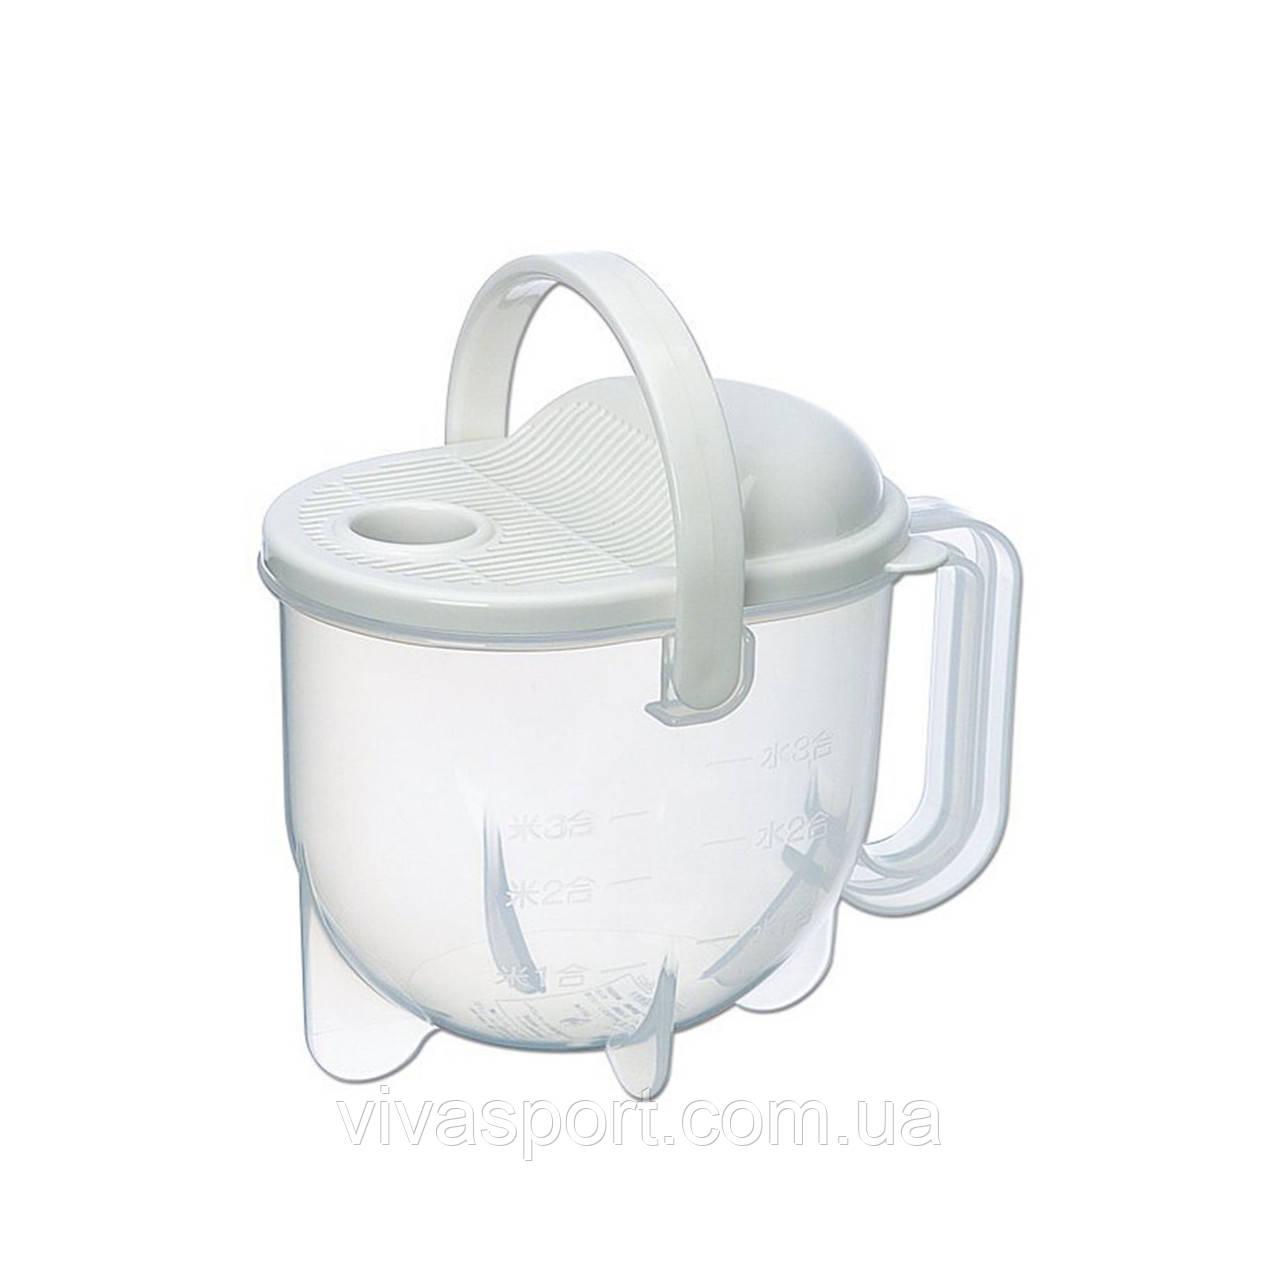 Прибор для промывки риса и круп, емкость для промывании рисомойка